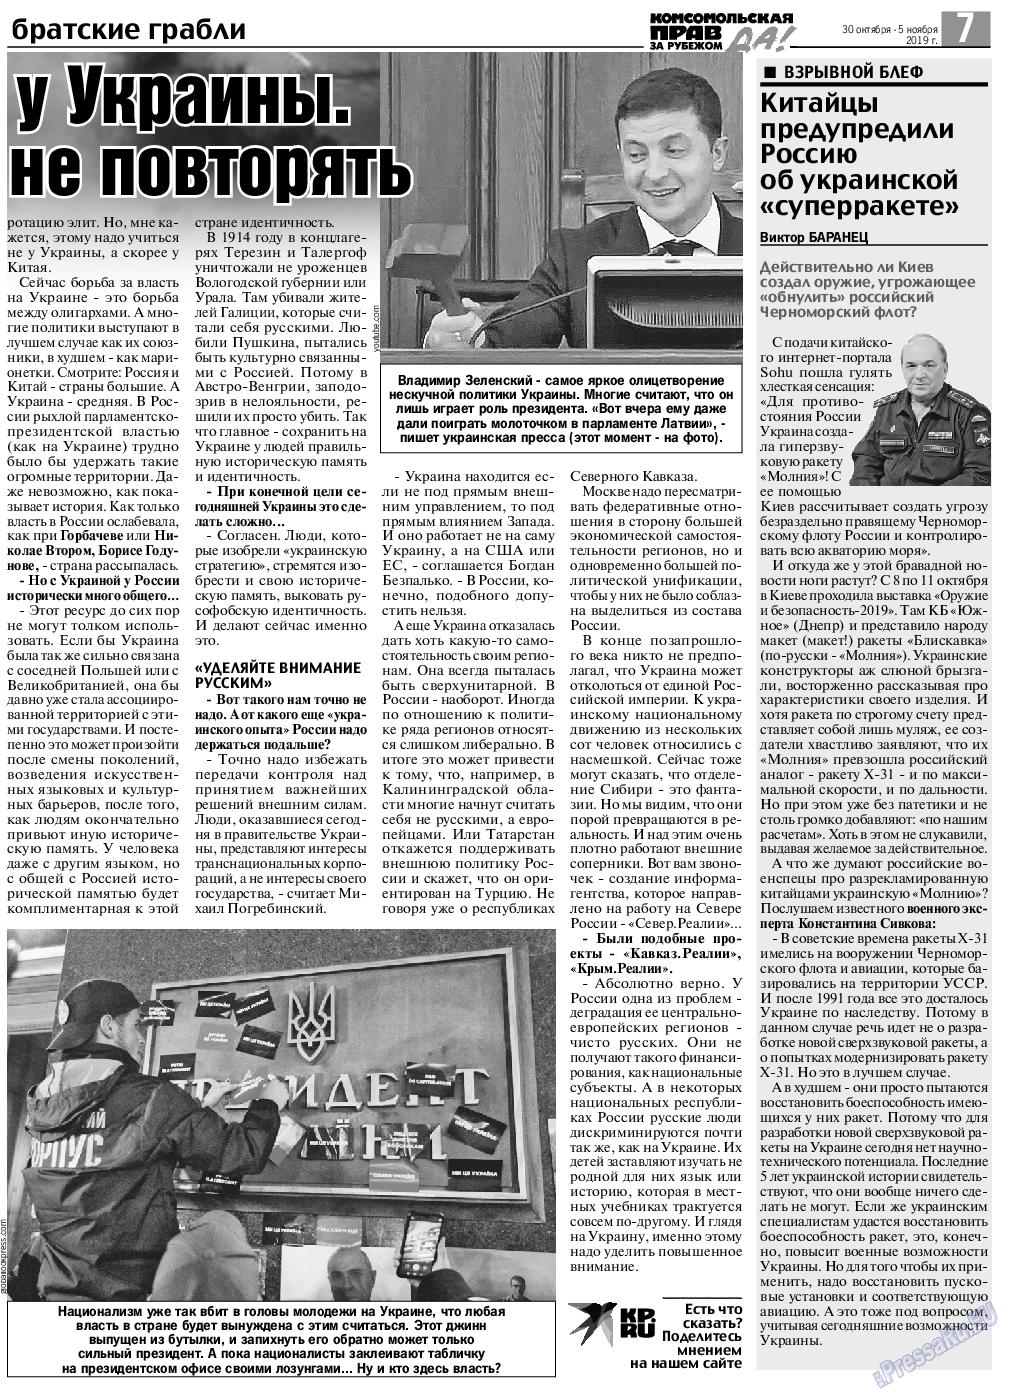 КП в Европе (газета). 2019 год, номер 44, стр. 7